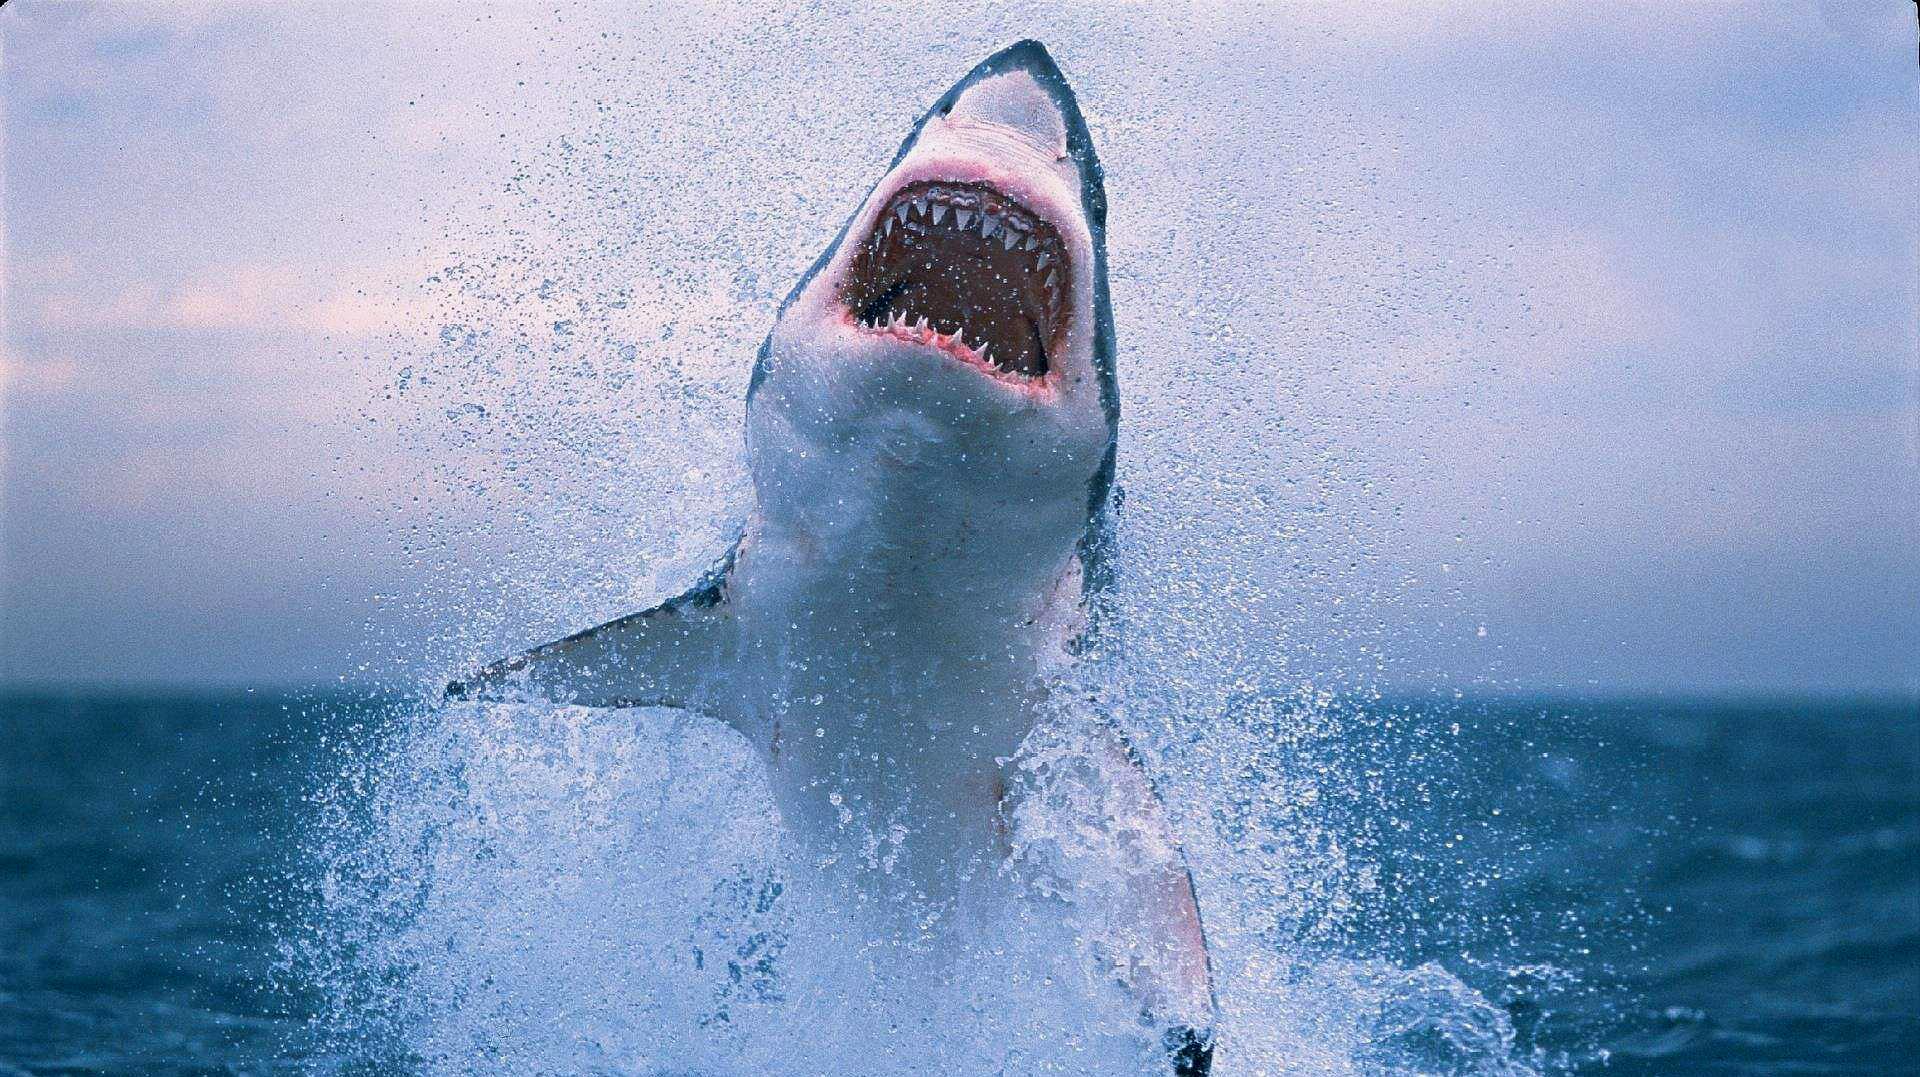 世界上鲨鱼最多的地方:浅滩就有百多条,竟还有人敢下水!